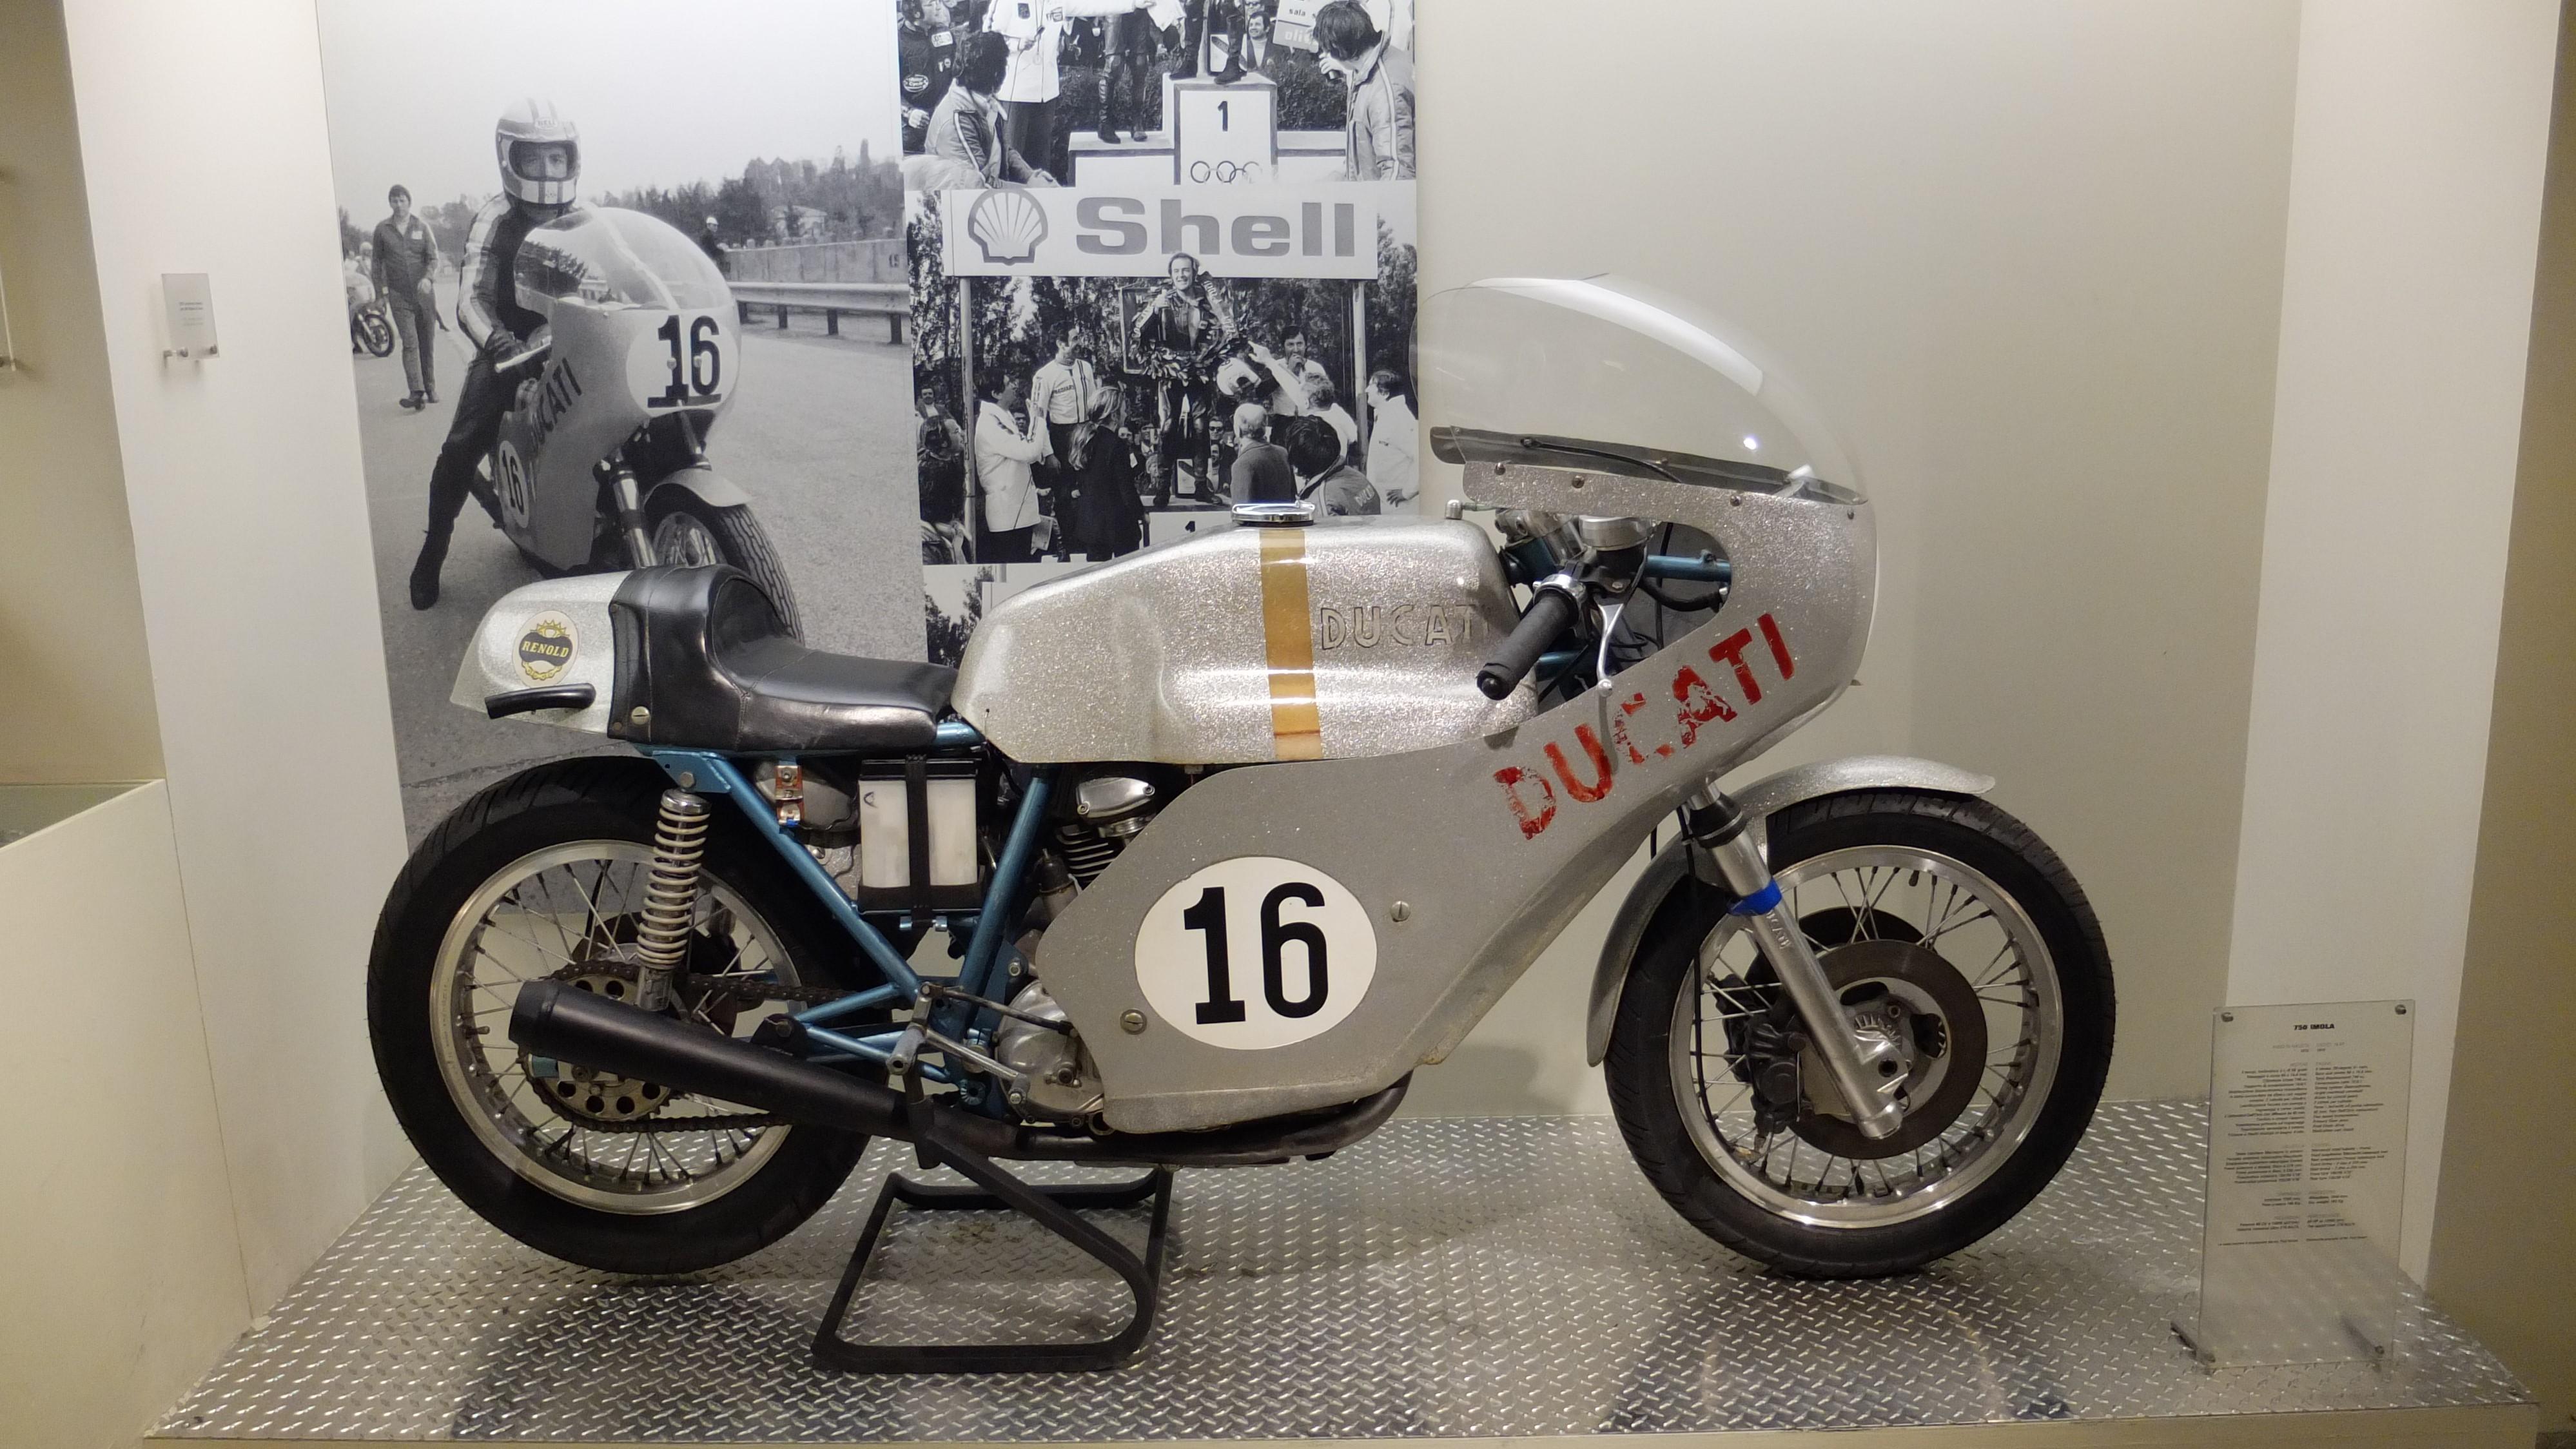 賽後DUCATI 依約定將那台冠軍車送給Smart,後者為表示感謝再將賽車回借給對方,放在官方的博物館裡展示